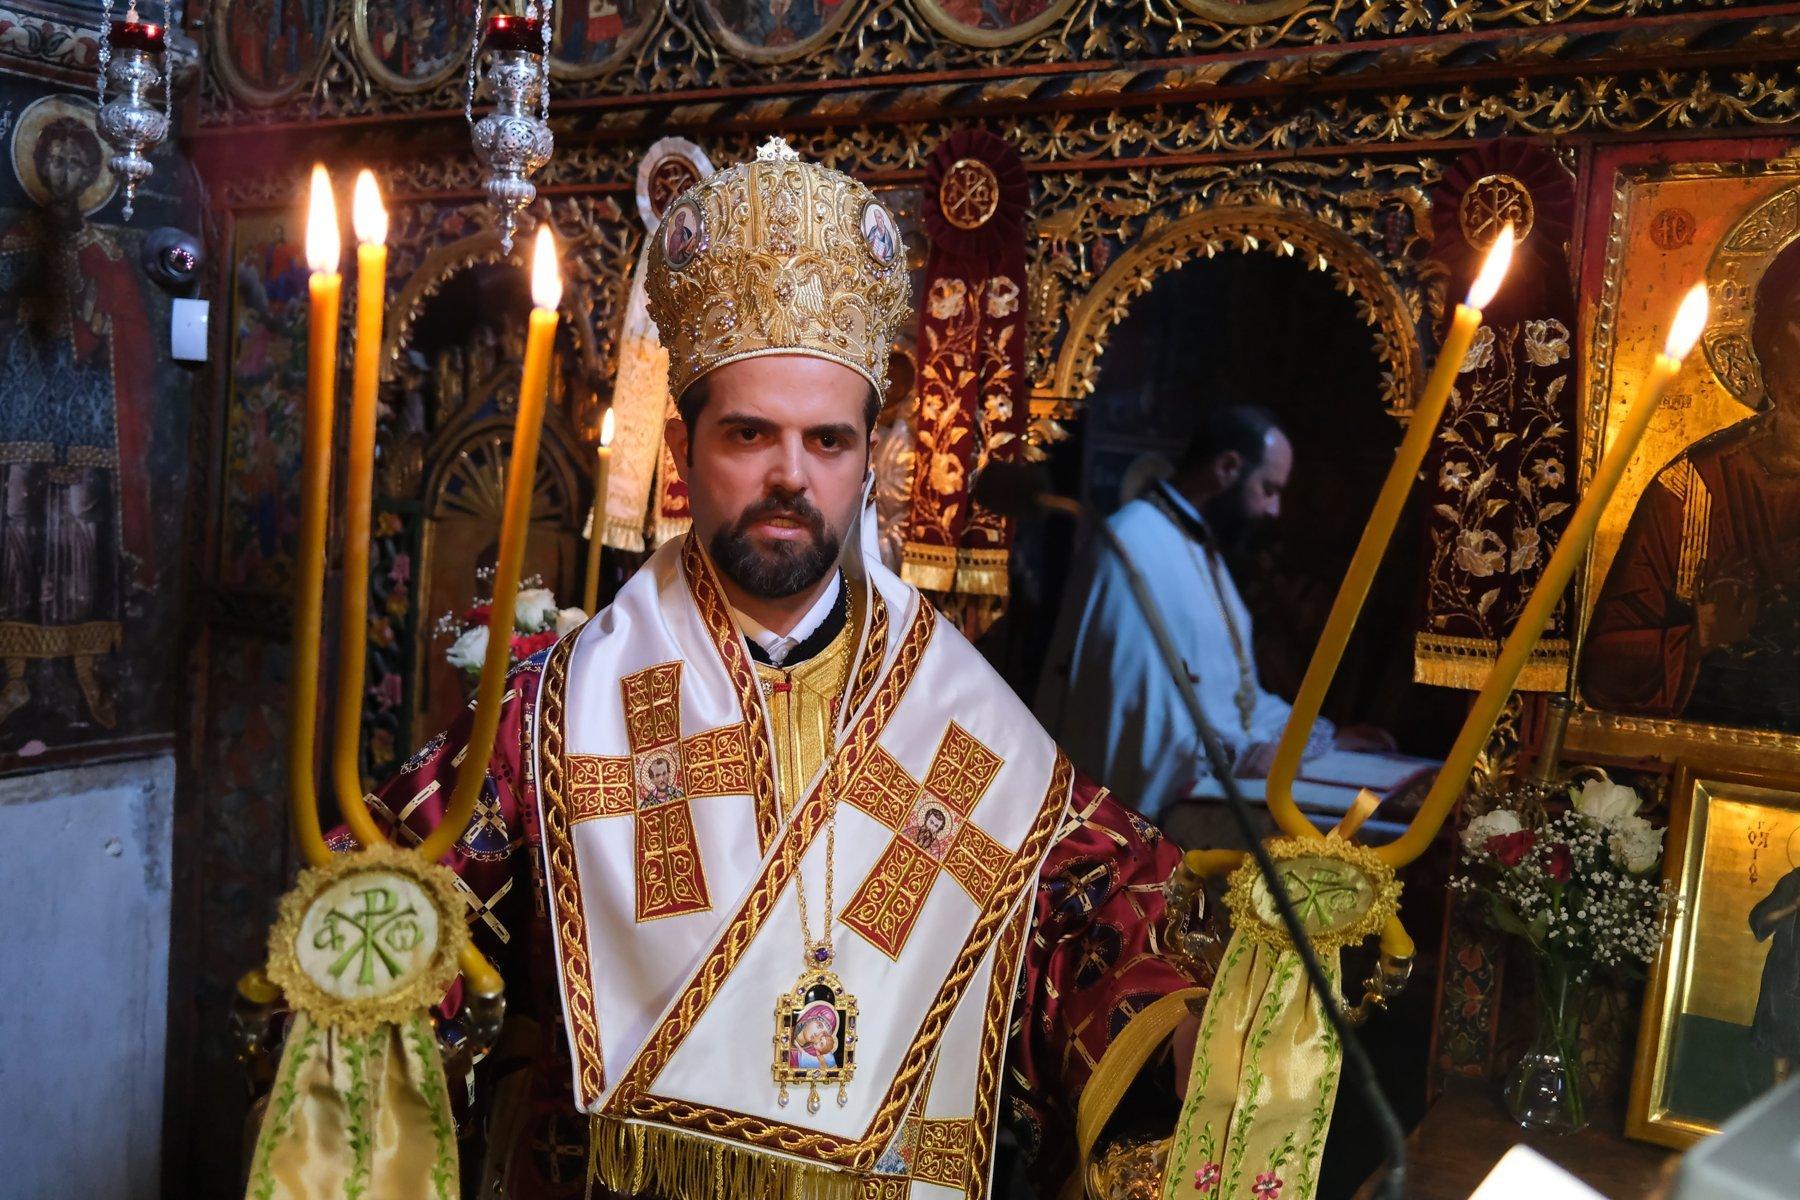 DSCF7813  - Ο Επίσκοπος Μελιτηνής στην Ι. Μονή Παναγίας Πελεκητής